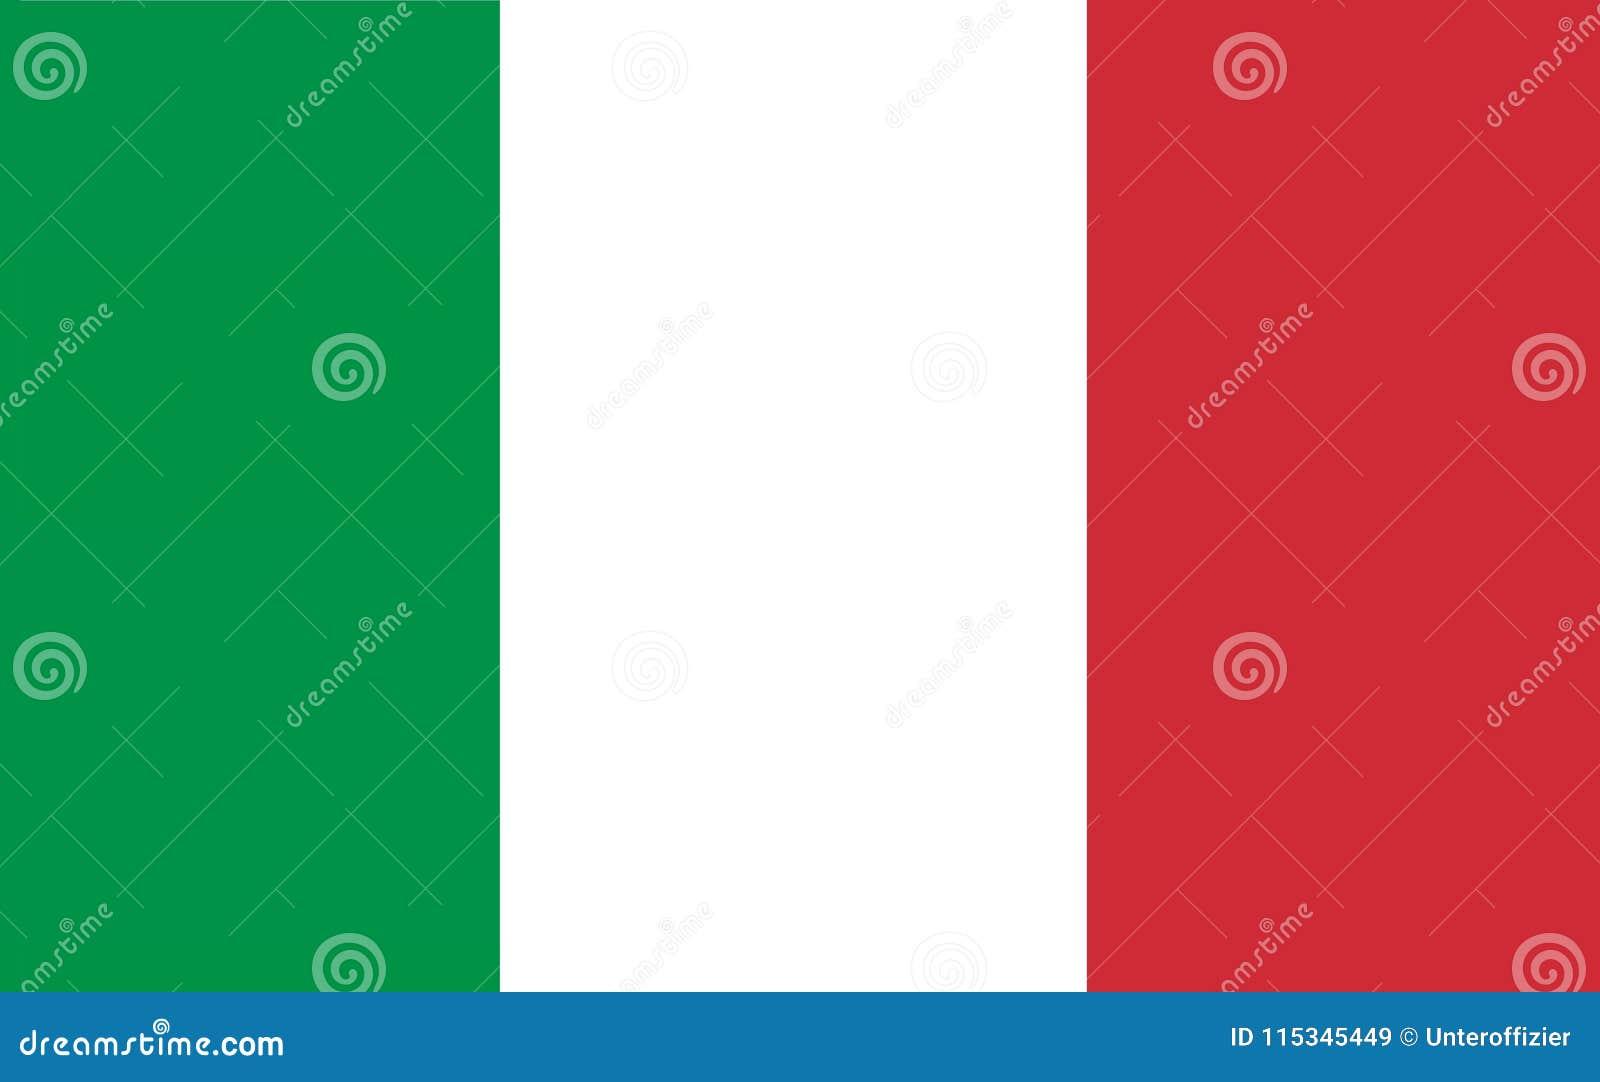 Un ejemplo generado por ordenador de los gráficos de la bandera de Italia